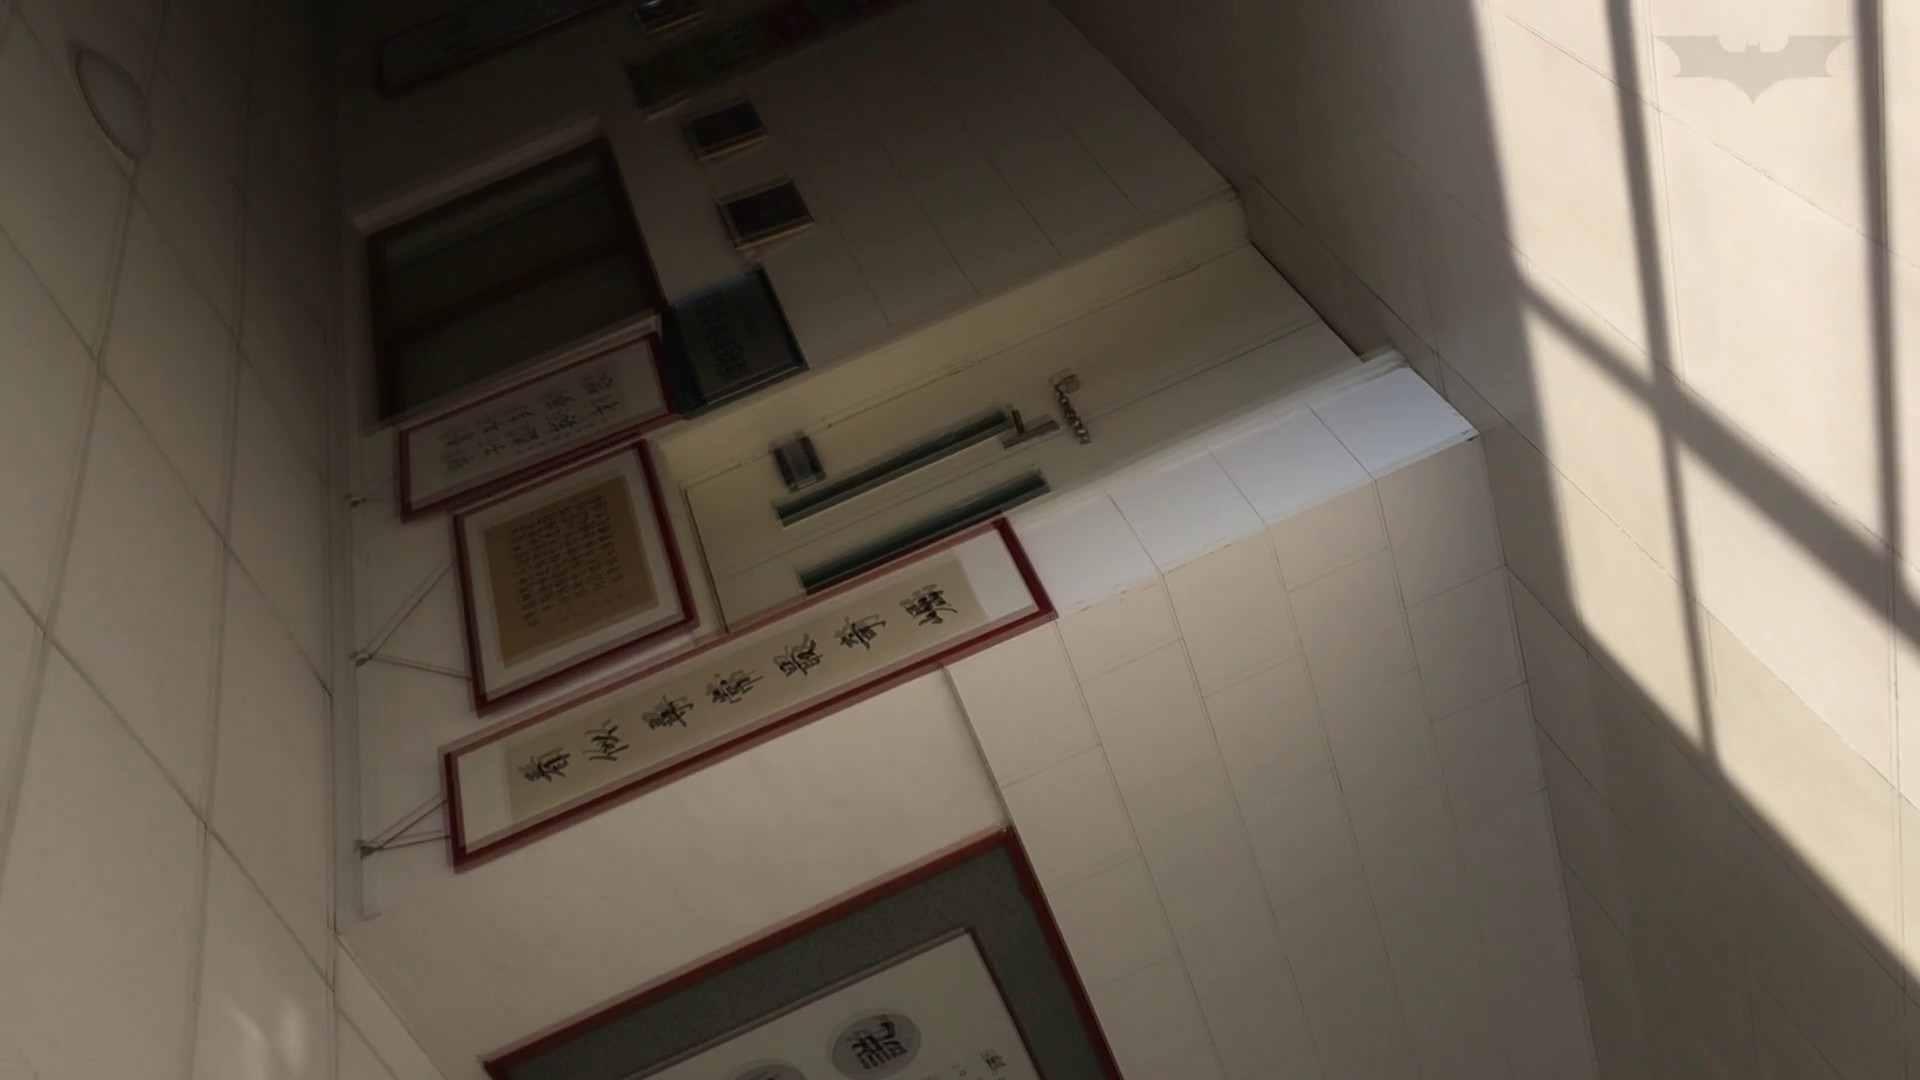 芸術大学ガチ潜入盗撮 JD盗撮 美女の洗面所の秘密 Vol.91 トイレ  84pic 14